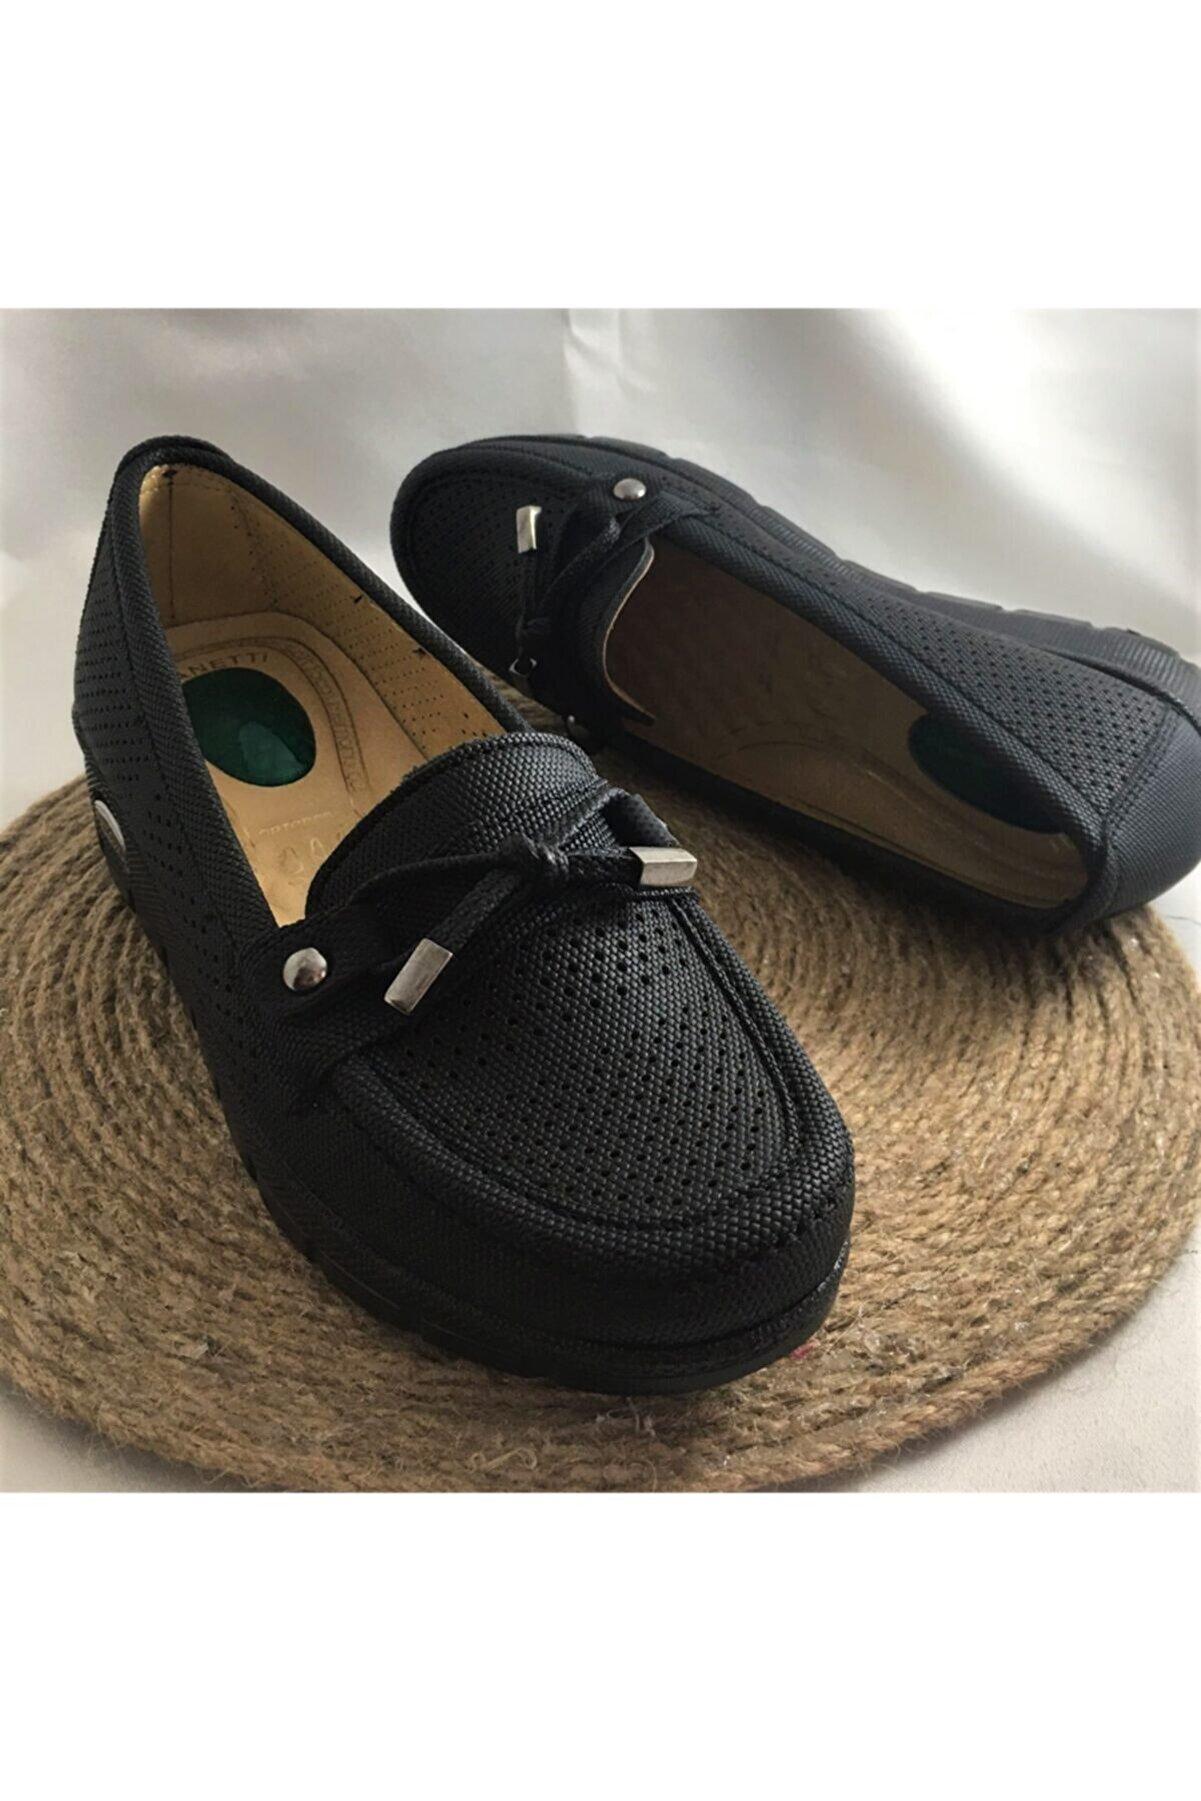 YILDIRIM AYAKKABICILIK Yumuşak Deri Topuk Dikeni Önleyici Jel Sisteml Dolgu Taban I Ortopedik Anne Ayakkabısı